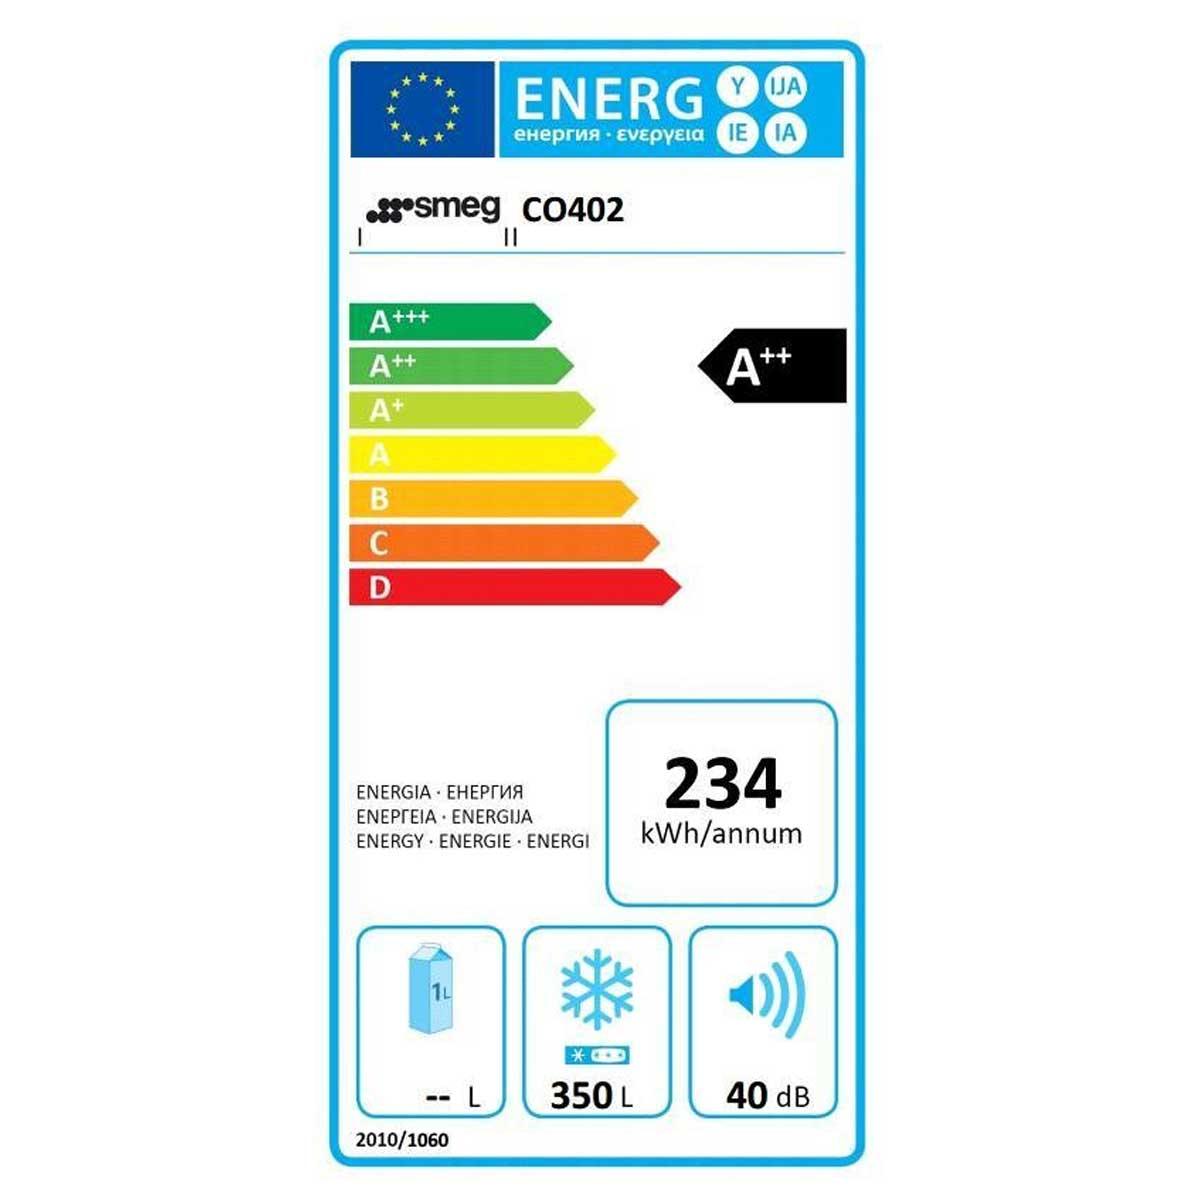 Smeg CO402 etichetta energetica